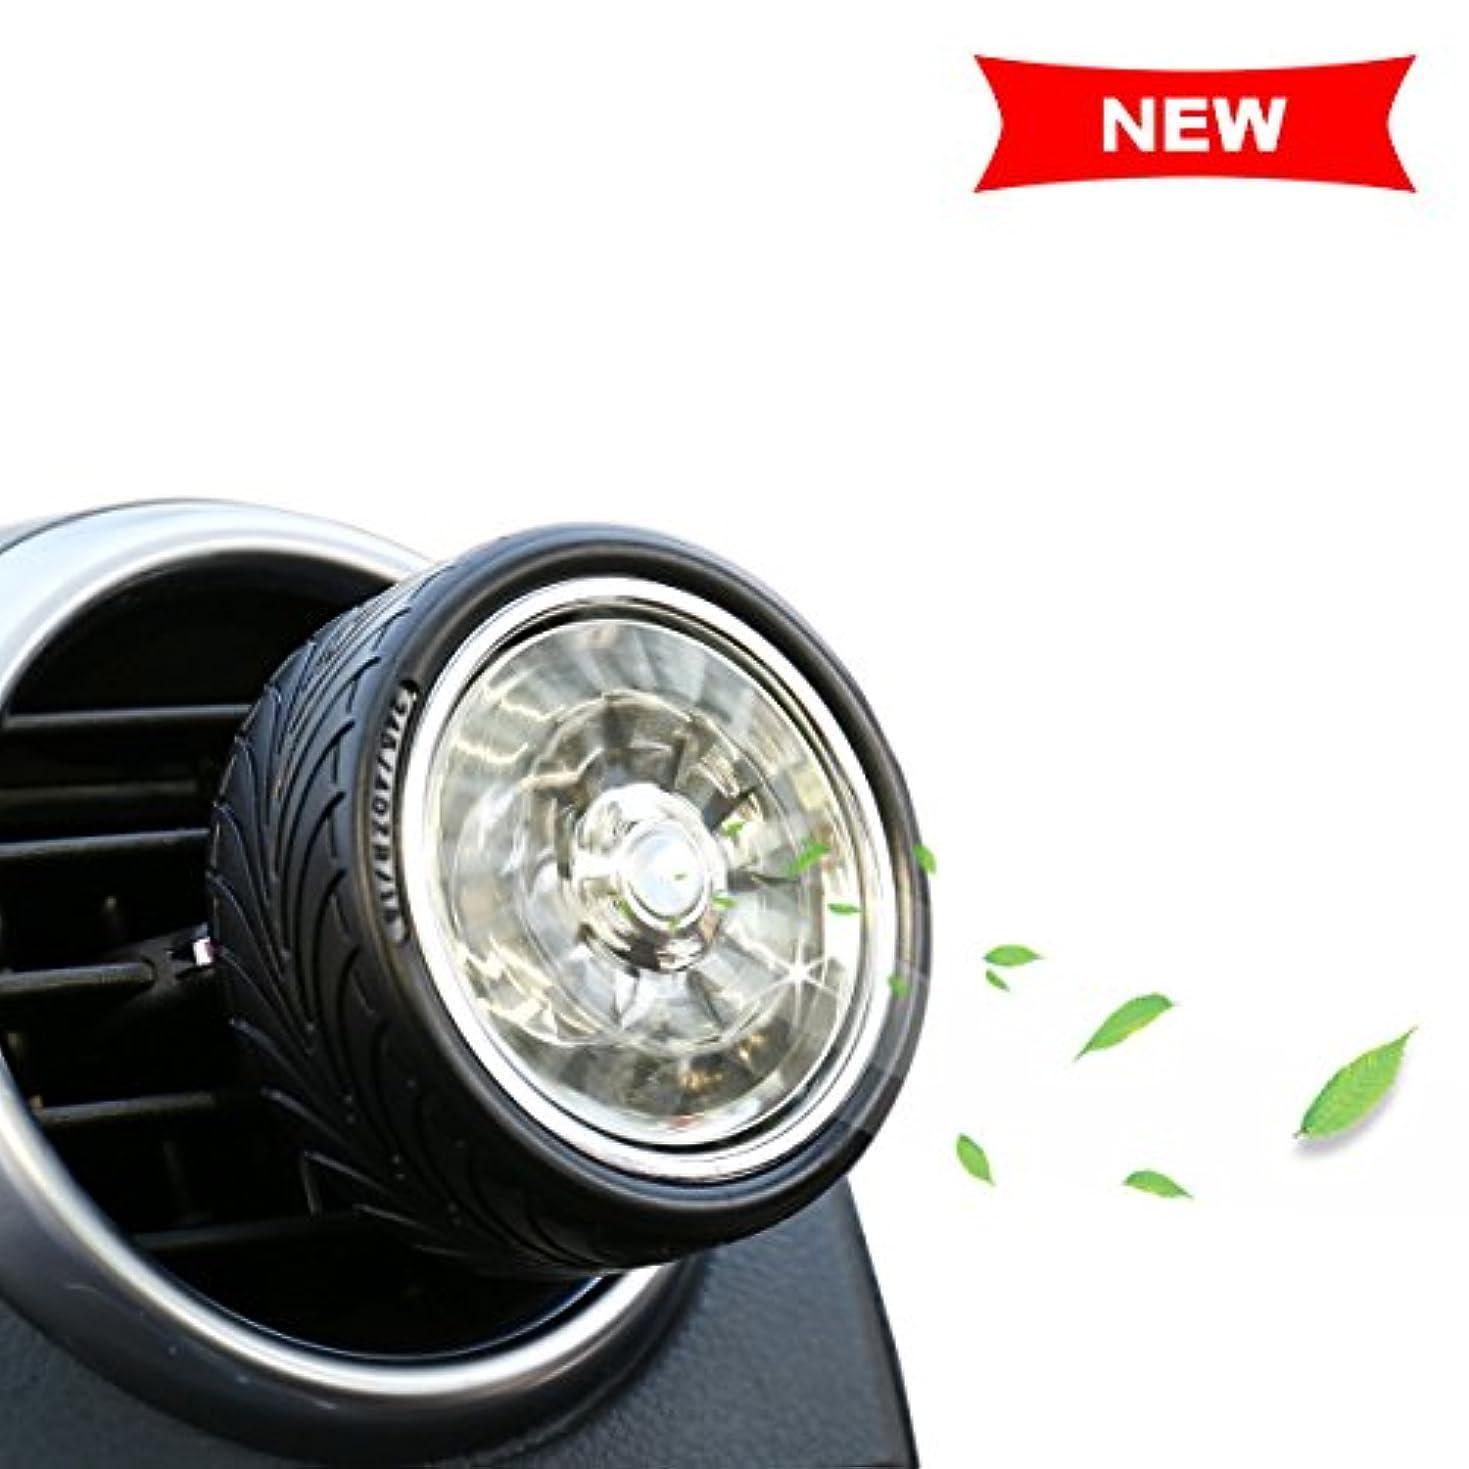 なので九月顧問Aromatherapy Essential Oil Diffuser Car Air Freshener匂い、煙、臭気削除イオンエアークリーナー、シガレット、ほこり、なアクセサリーの自動車/ RV &車ギフト  CE、...